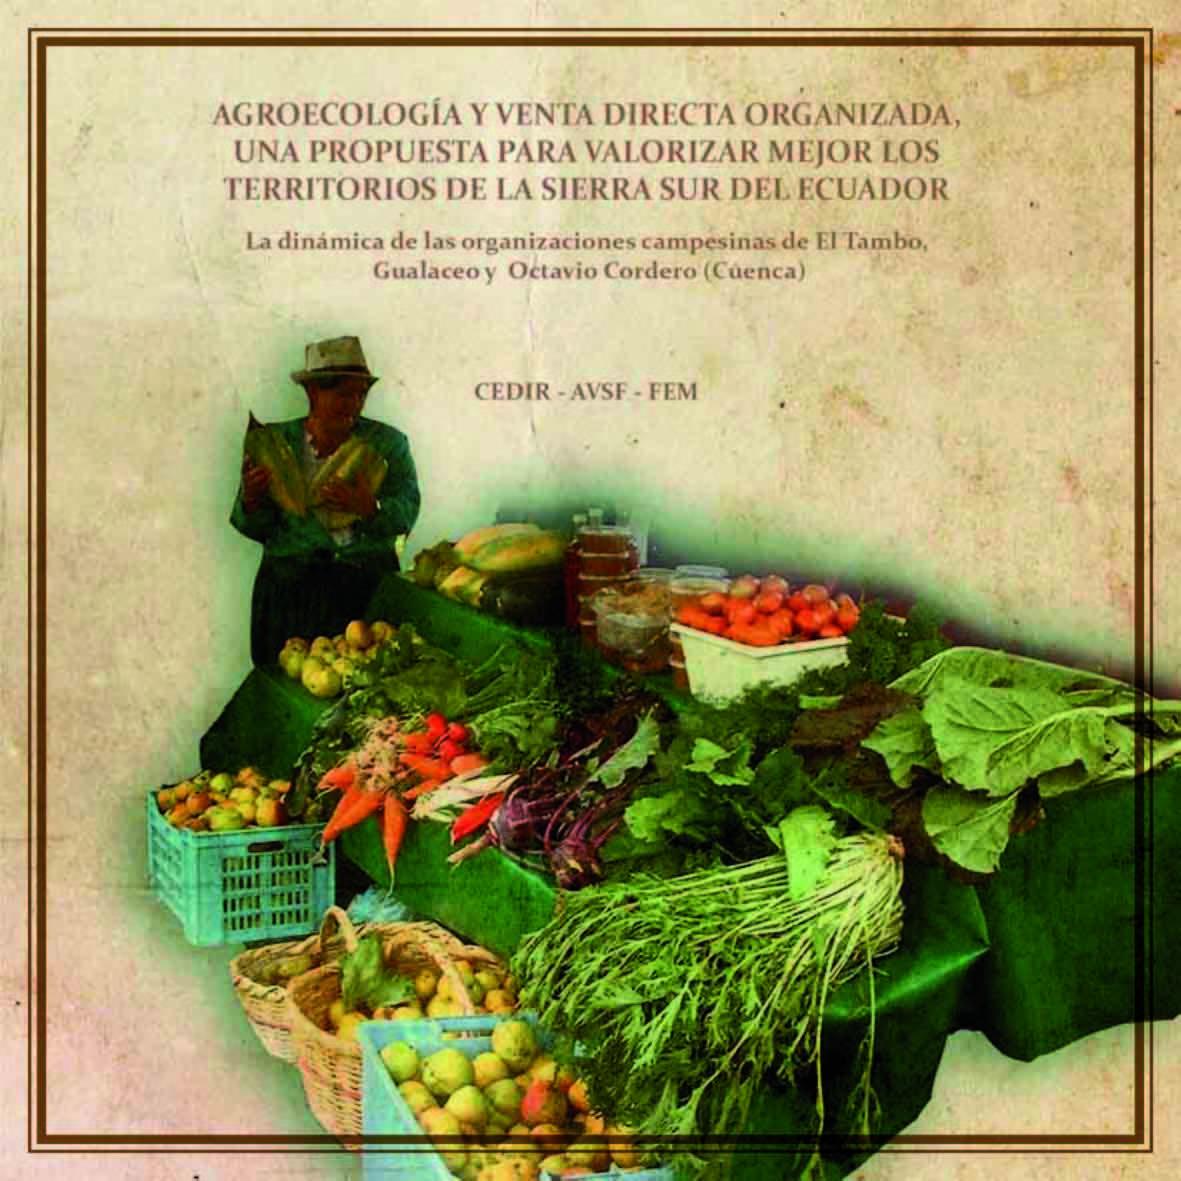 Thumbnail - Agroecología y venta directa organizada en Ecuador